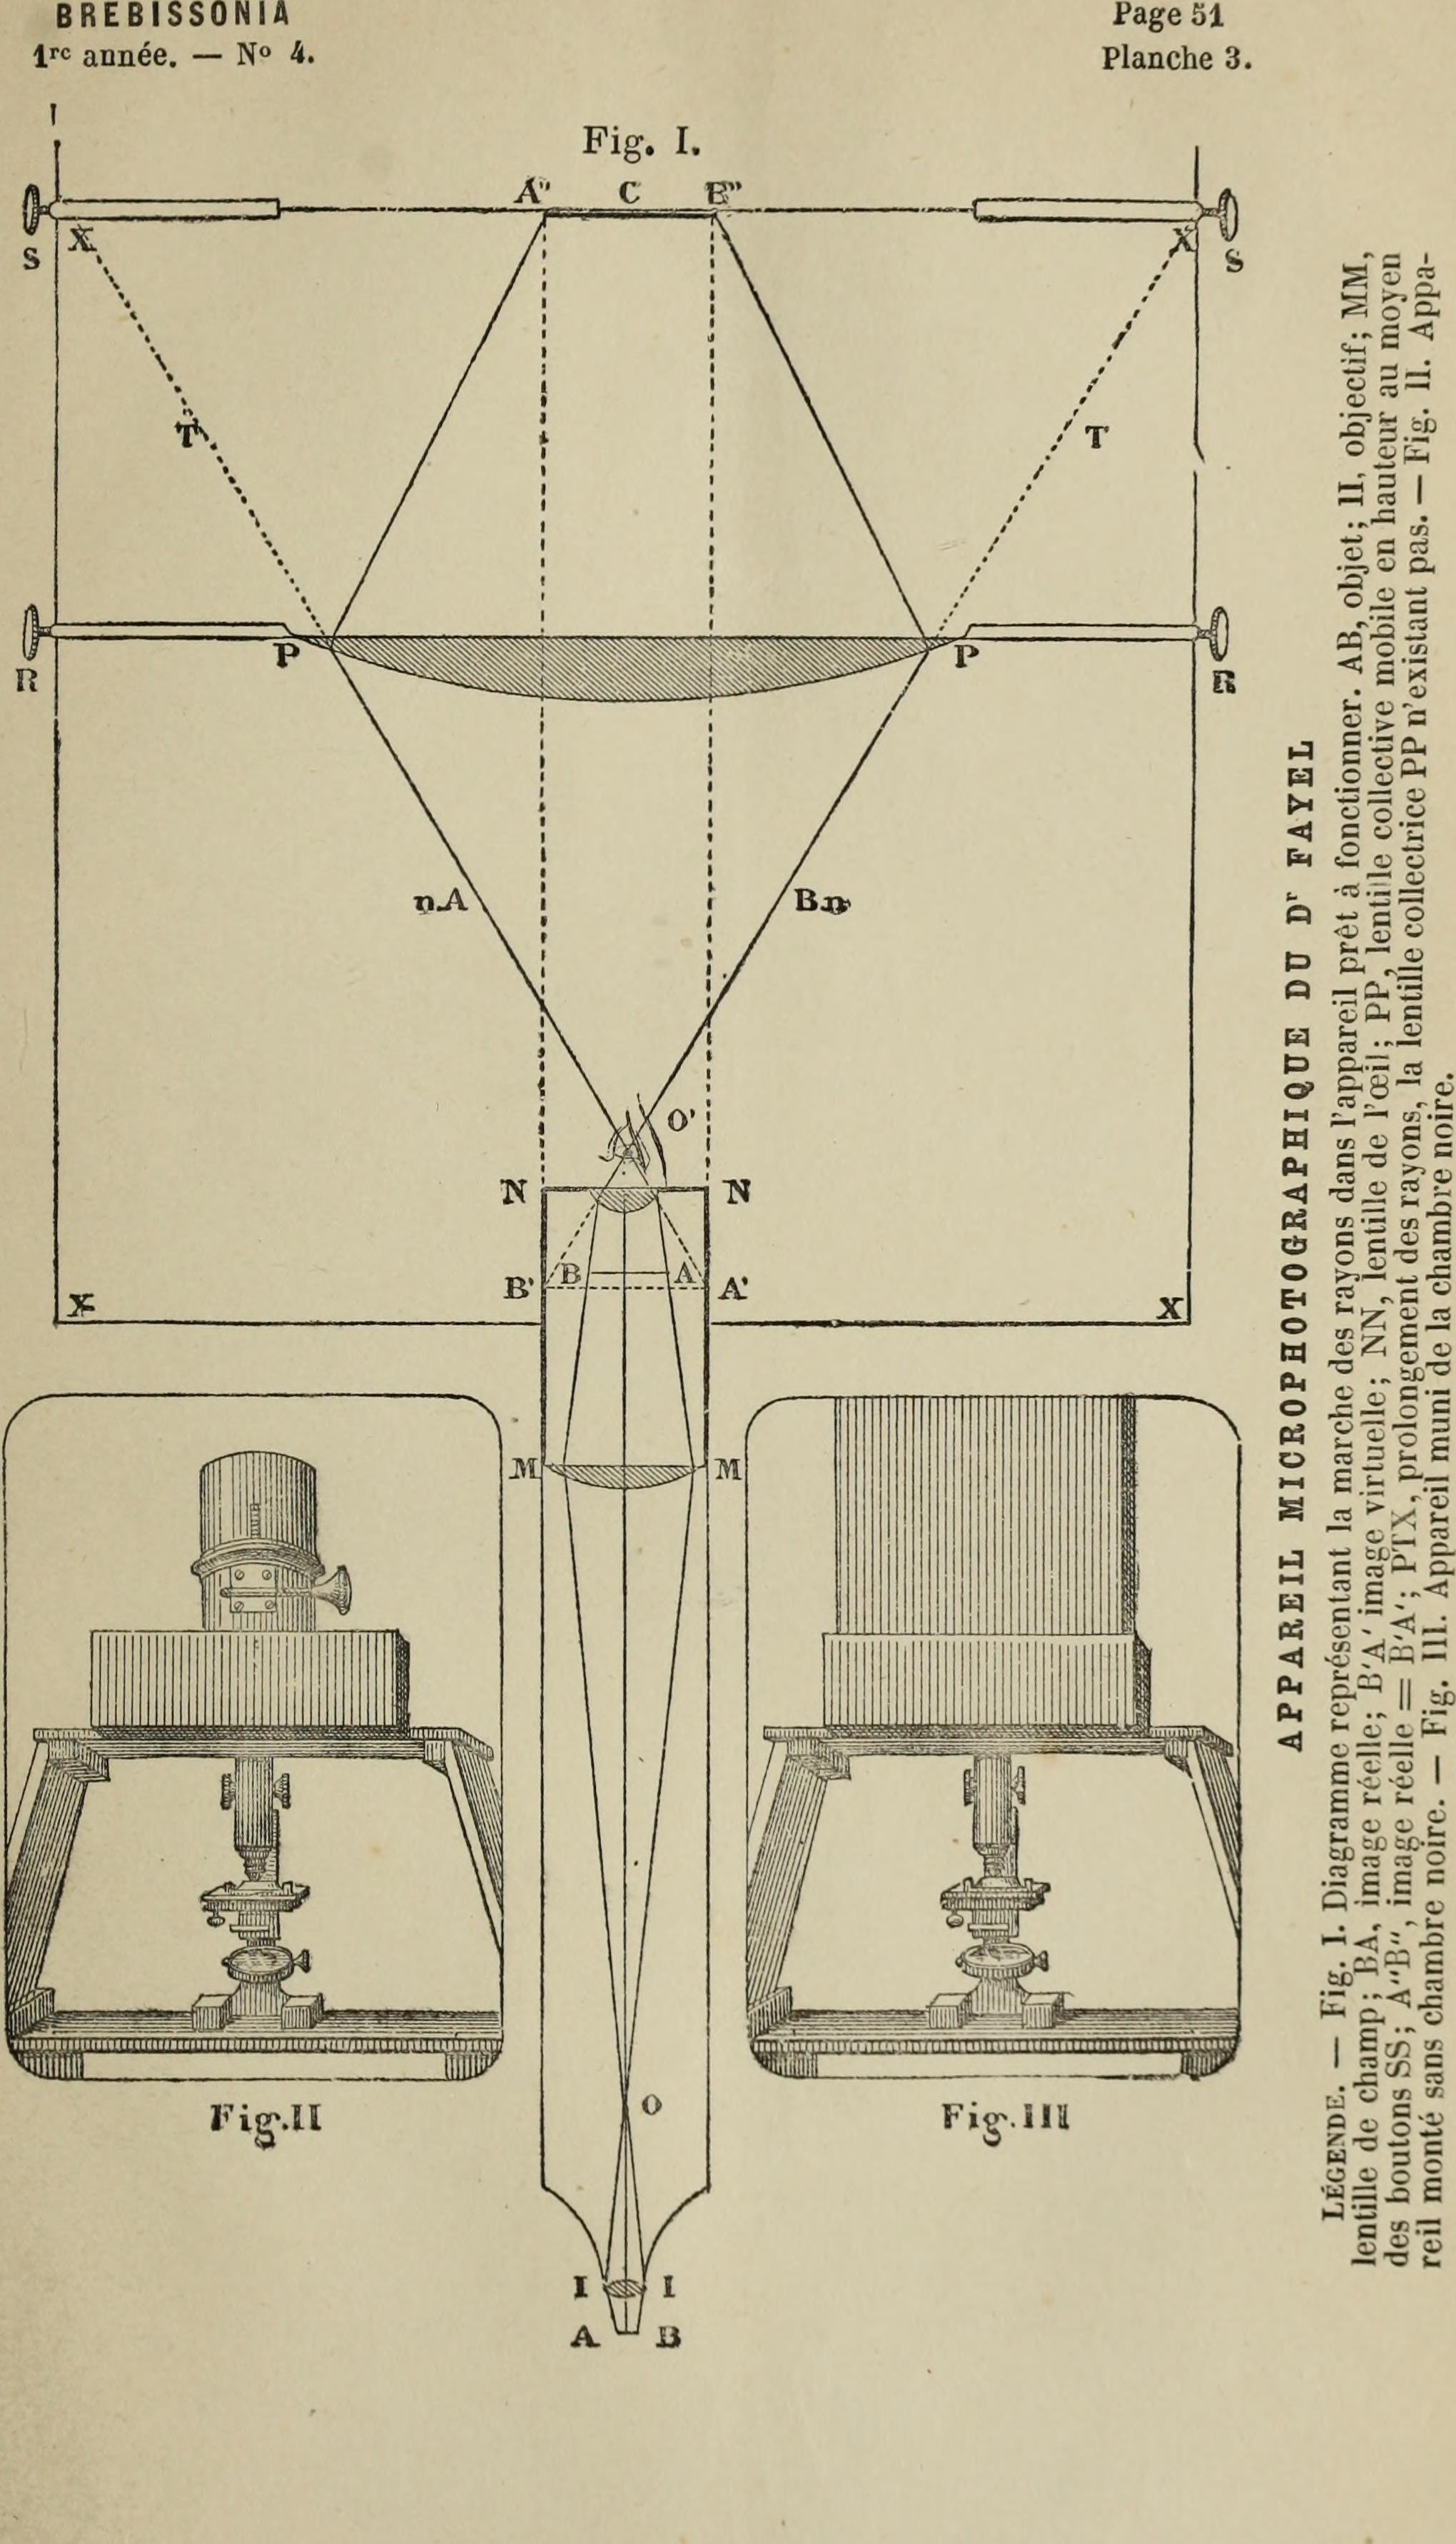 Ausgezeichnet Anatomie Und Physiologie Test Kapitel 1 Galerie ...